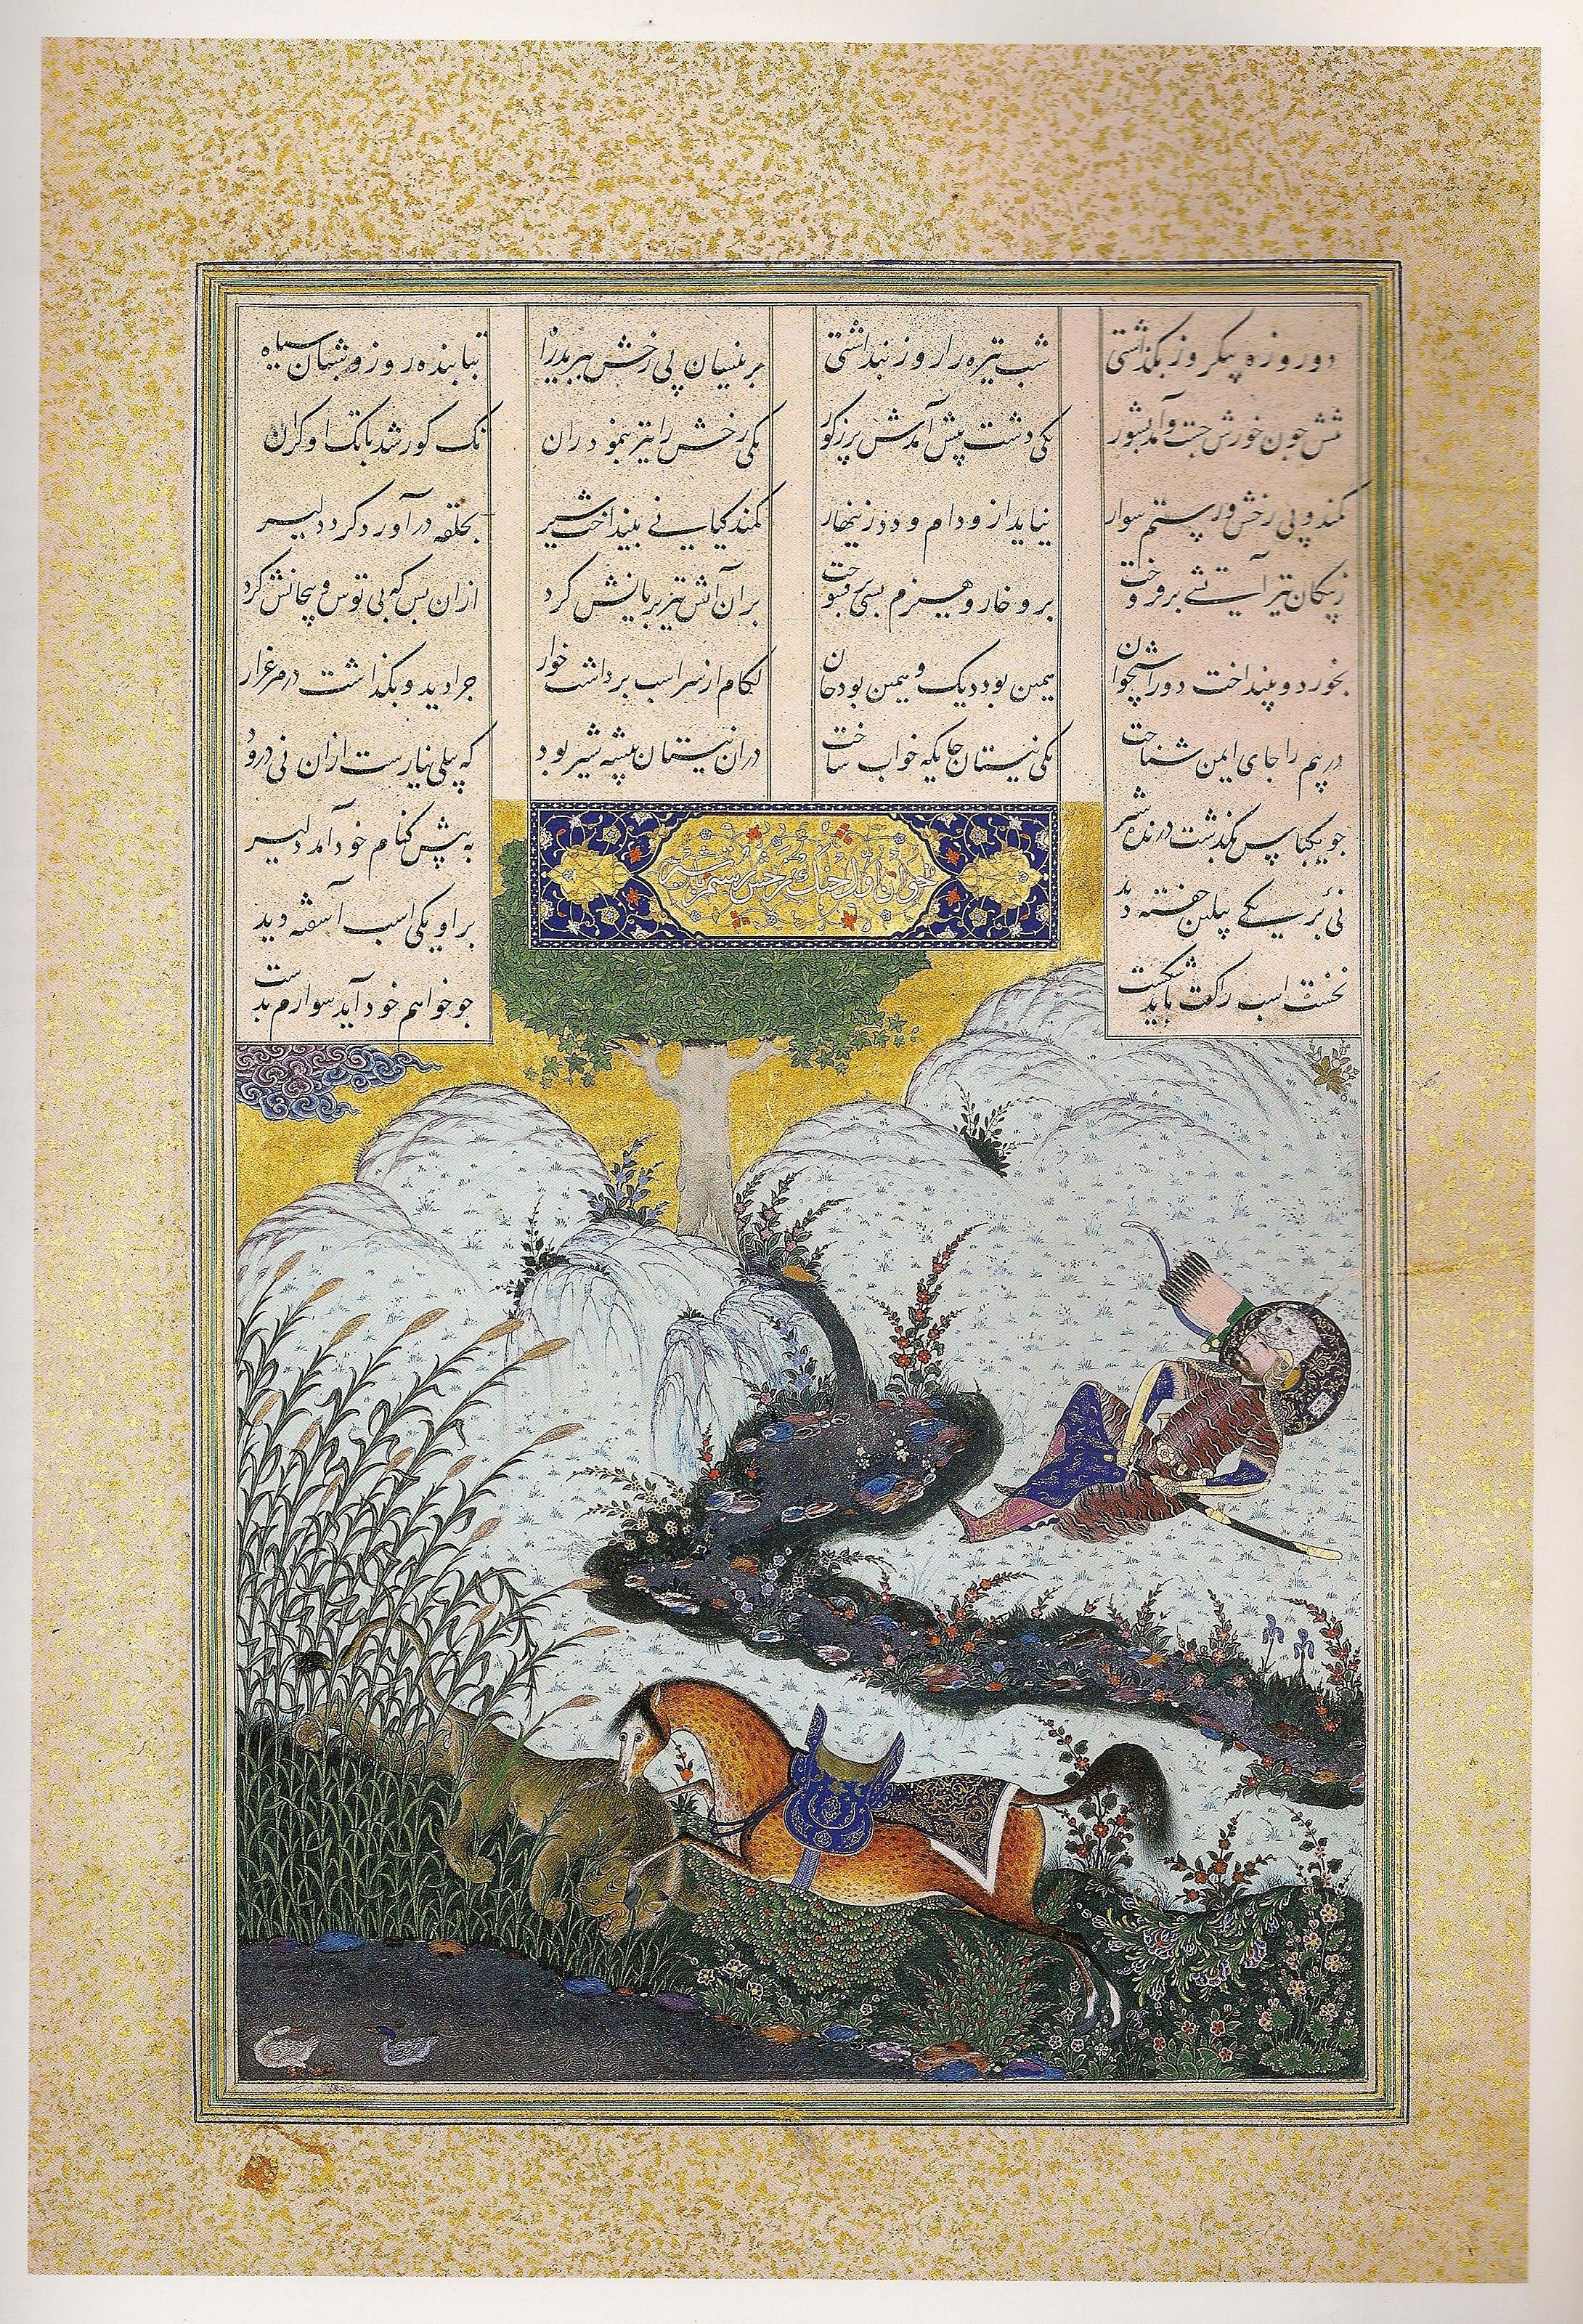 Le cheval de Rostam - Rakhsh - terrasse un lion qui menaçait son maître endormi - page du Shâ - Nâme de Sha Tahmâsp.  Le chant du monde - L'art de l'Iran safavide 1501-1736 Assadullah Souren Melikian-Chirvani.